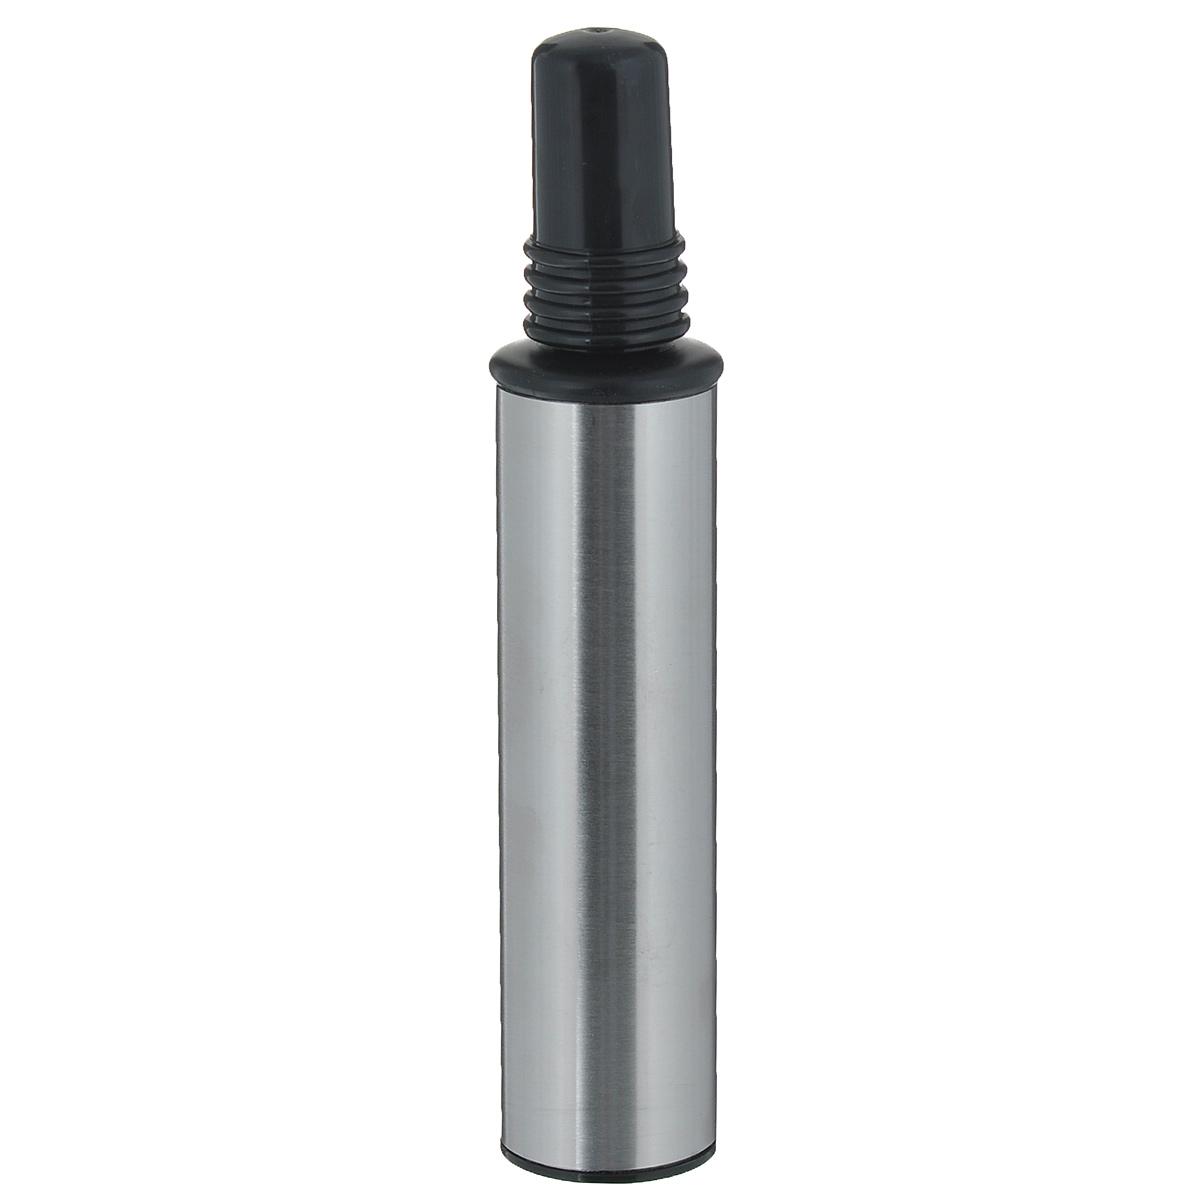 Распылитель масла Fackelmann, высота 19,5 см42105Распылитель масла Fackelmann изготовлен из высококачественной нержавеющей стали и пластика. Предназначен для разбрызгивания подсолнечного масла или уксуса. Такой аксессуар позволит добавить необходимое количество заправки. Распылитель закрывается специальной крышечкой. Компактный, его удобно хранить, и он не займет много места на вашей кухне. Такой аксессуар придется по душе каждой хозяйке и станет незаменимым на кухне. Не подходит для мытья в посудомоечной машине.